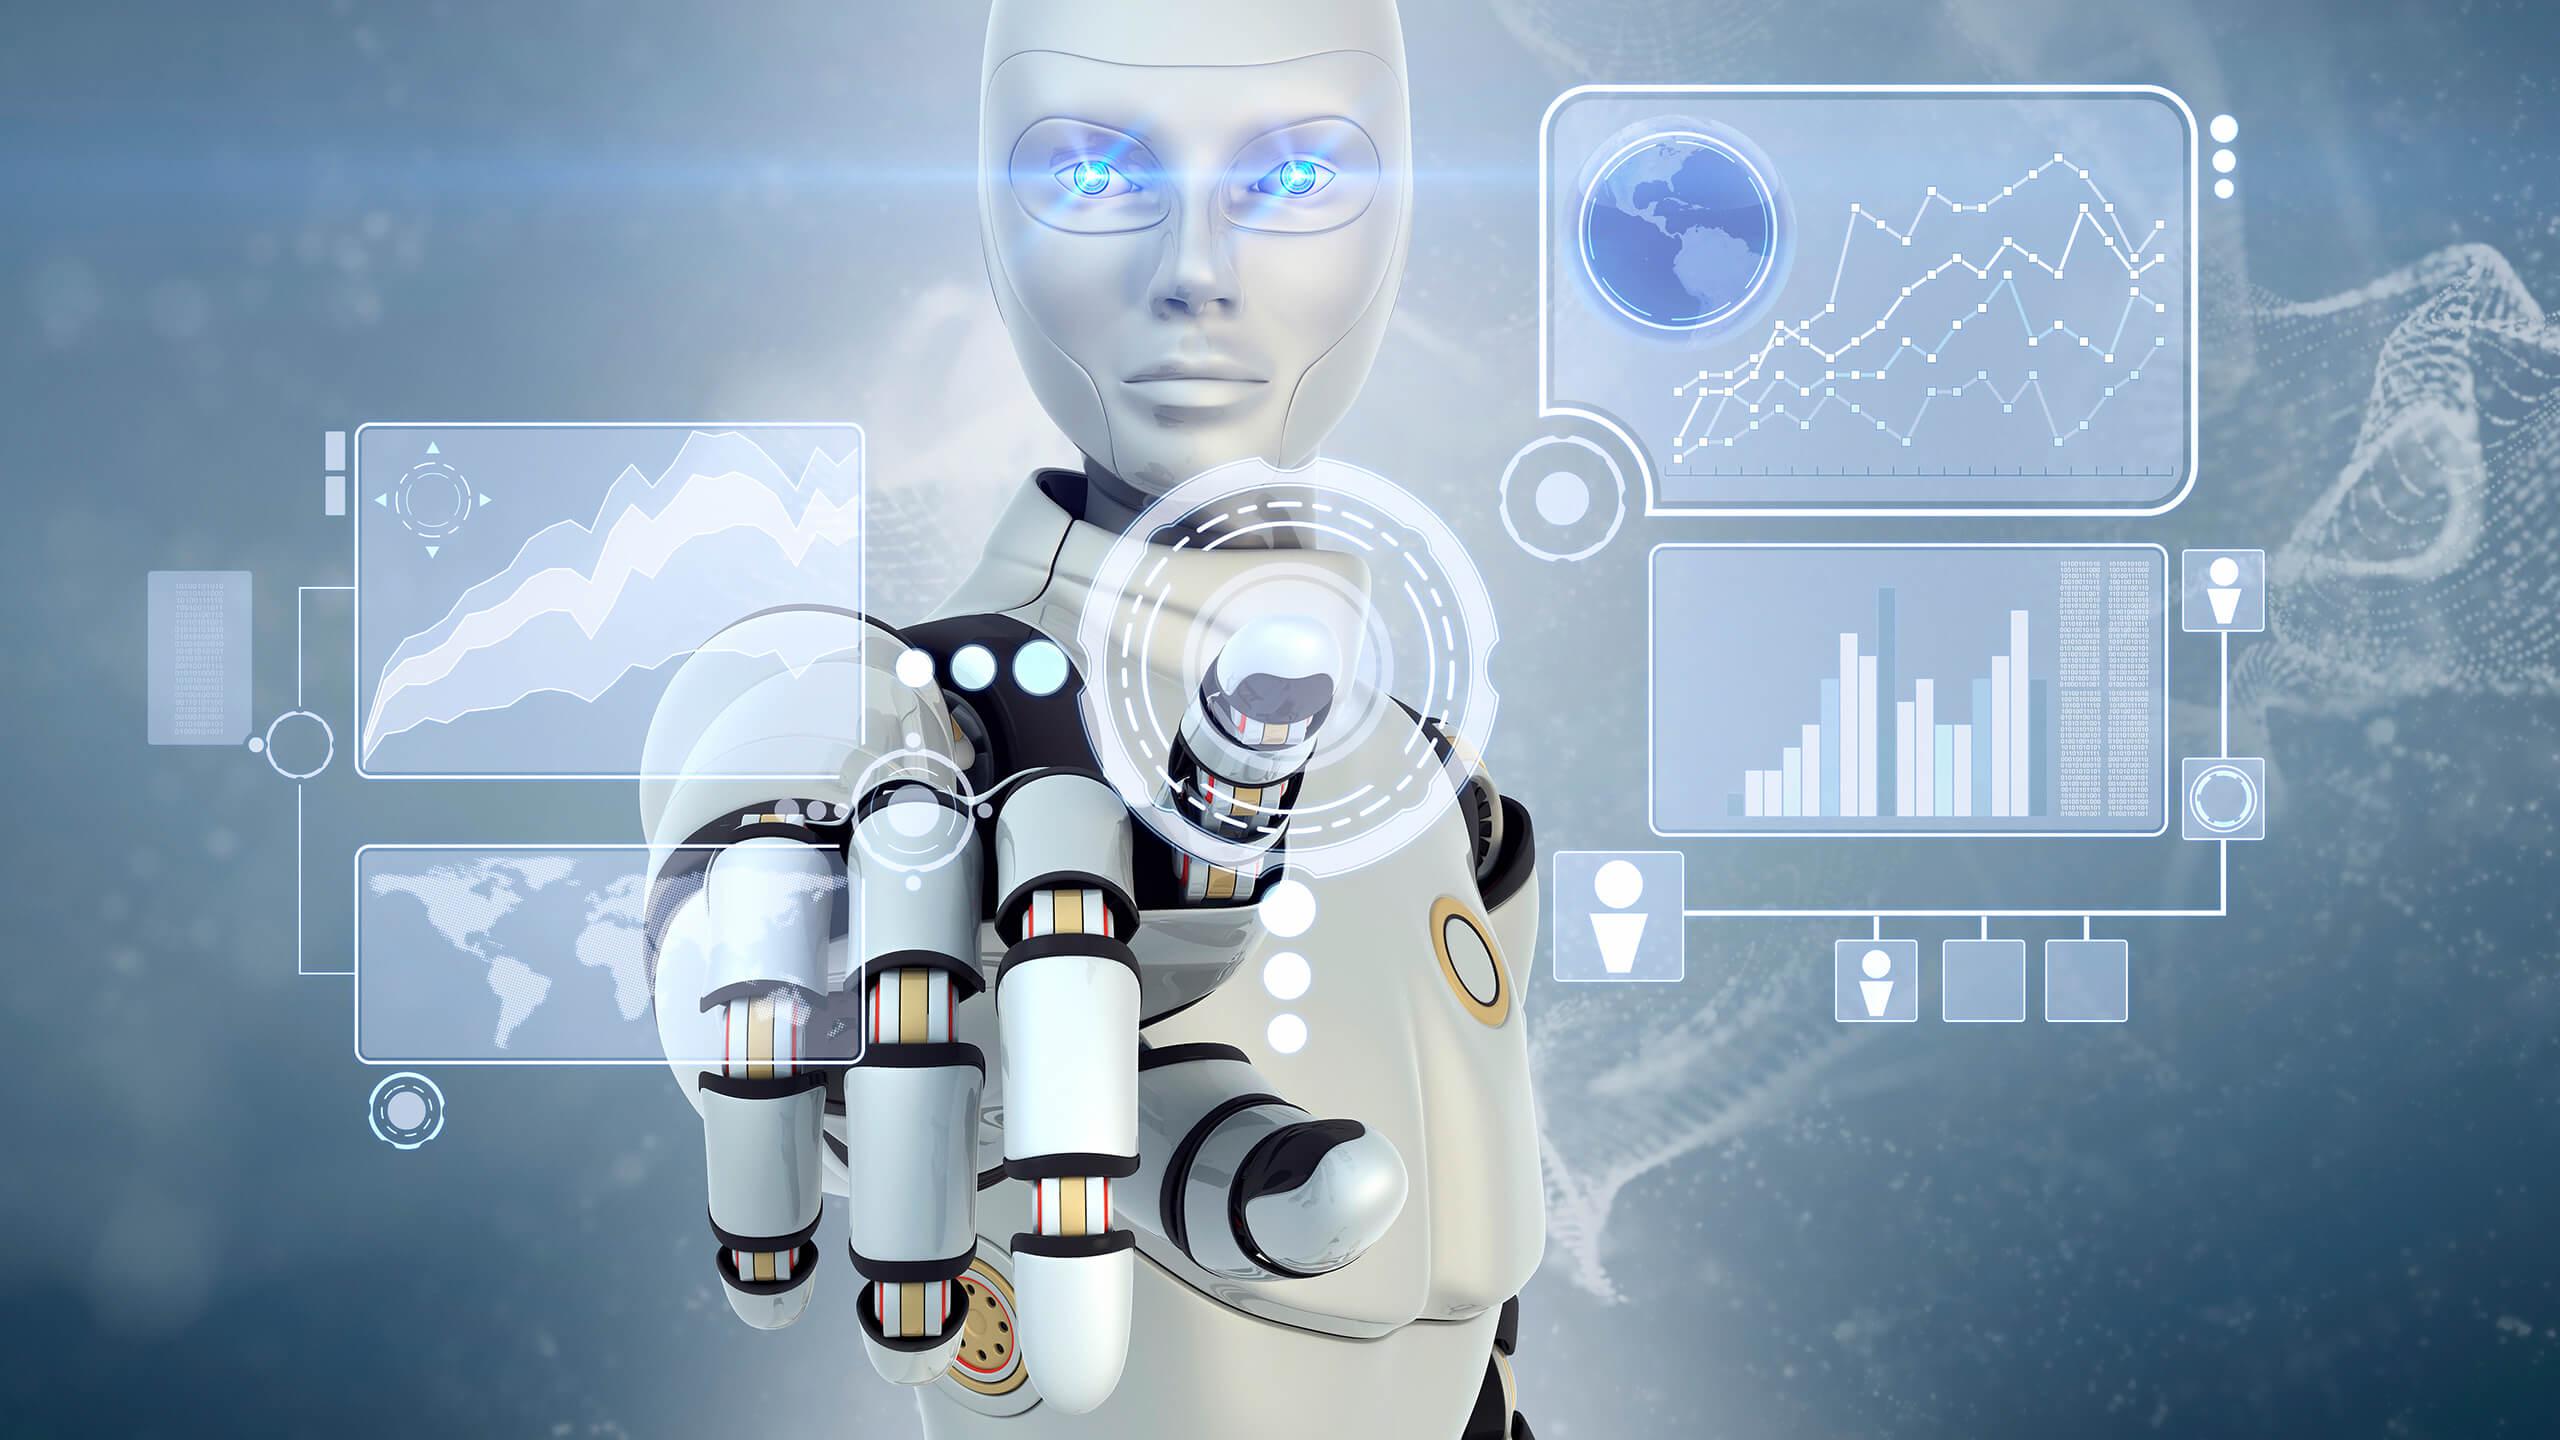 شناخت و درک مشاوران روبو